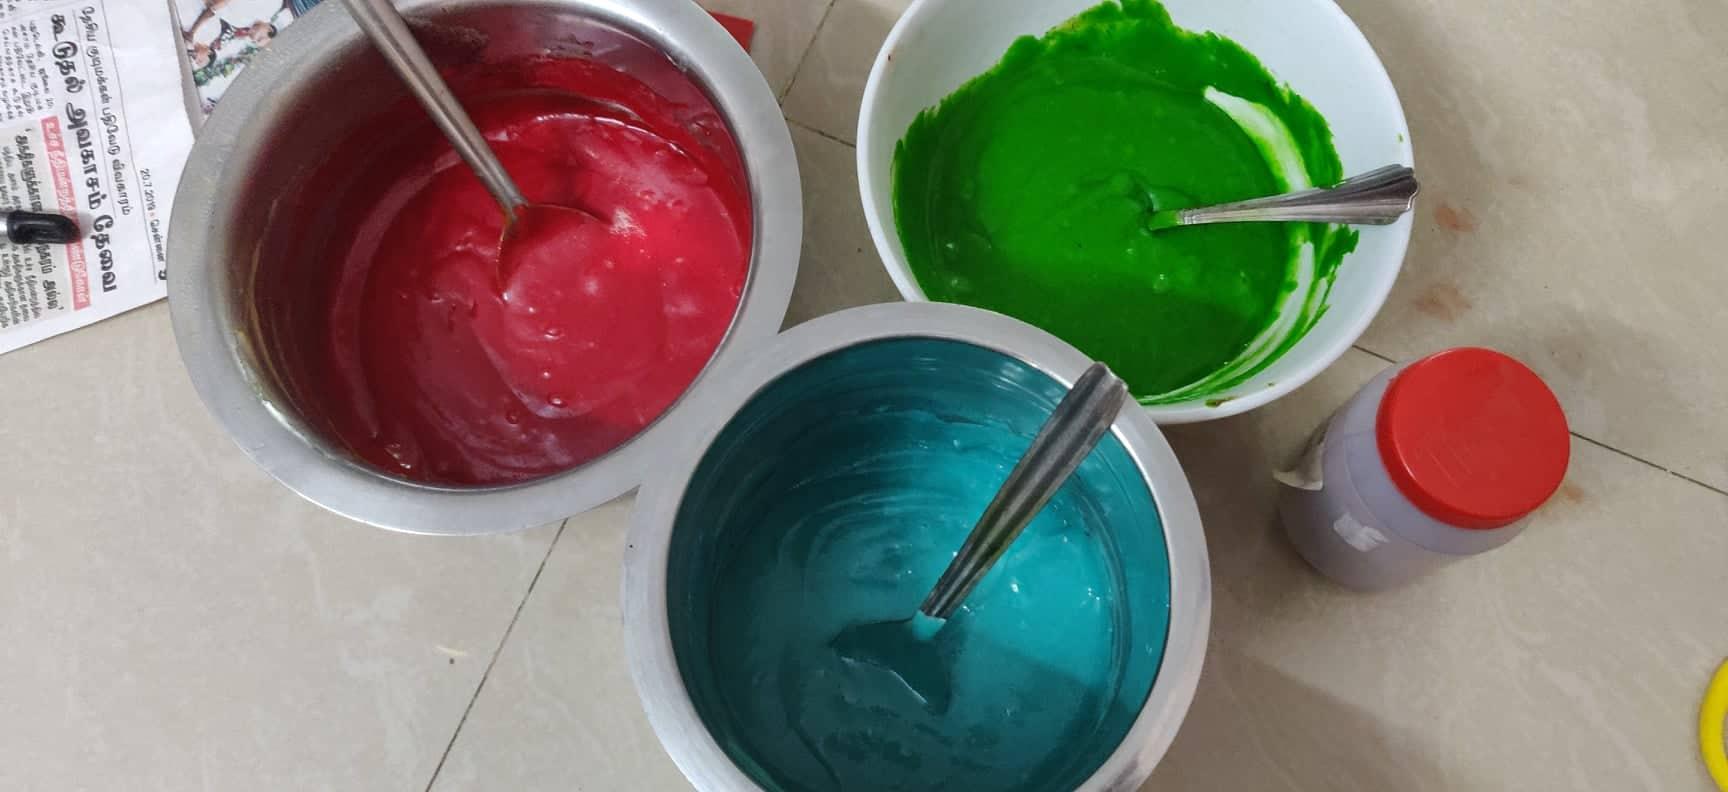 rainbow_cake - 81576284_1031892577173623_1090187674683179008_n